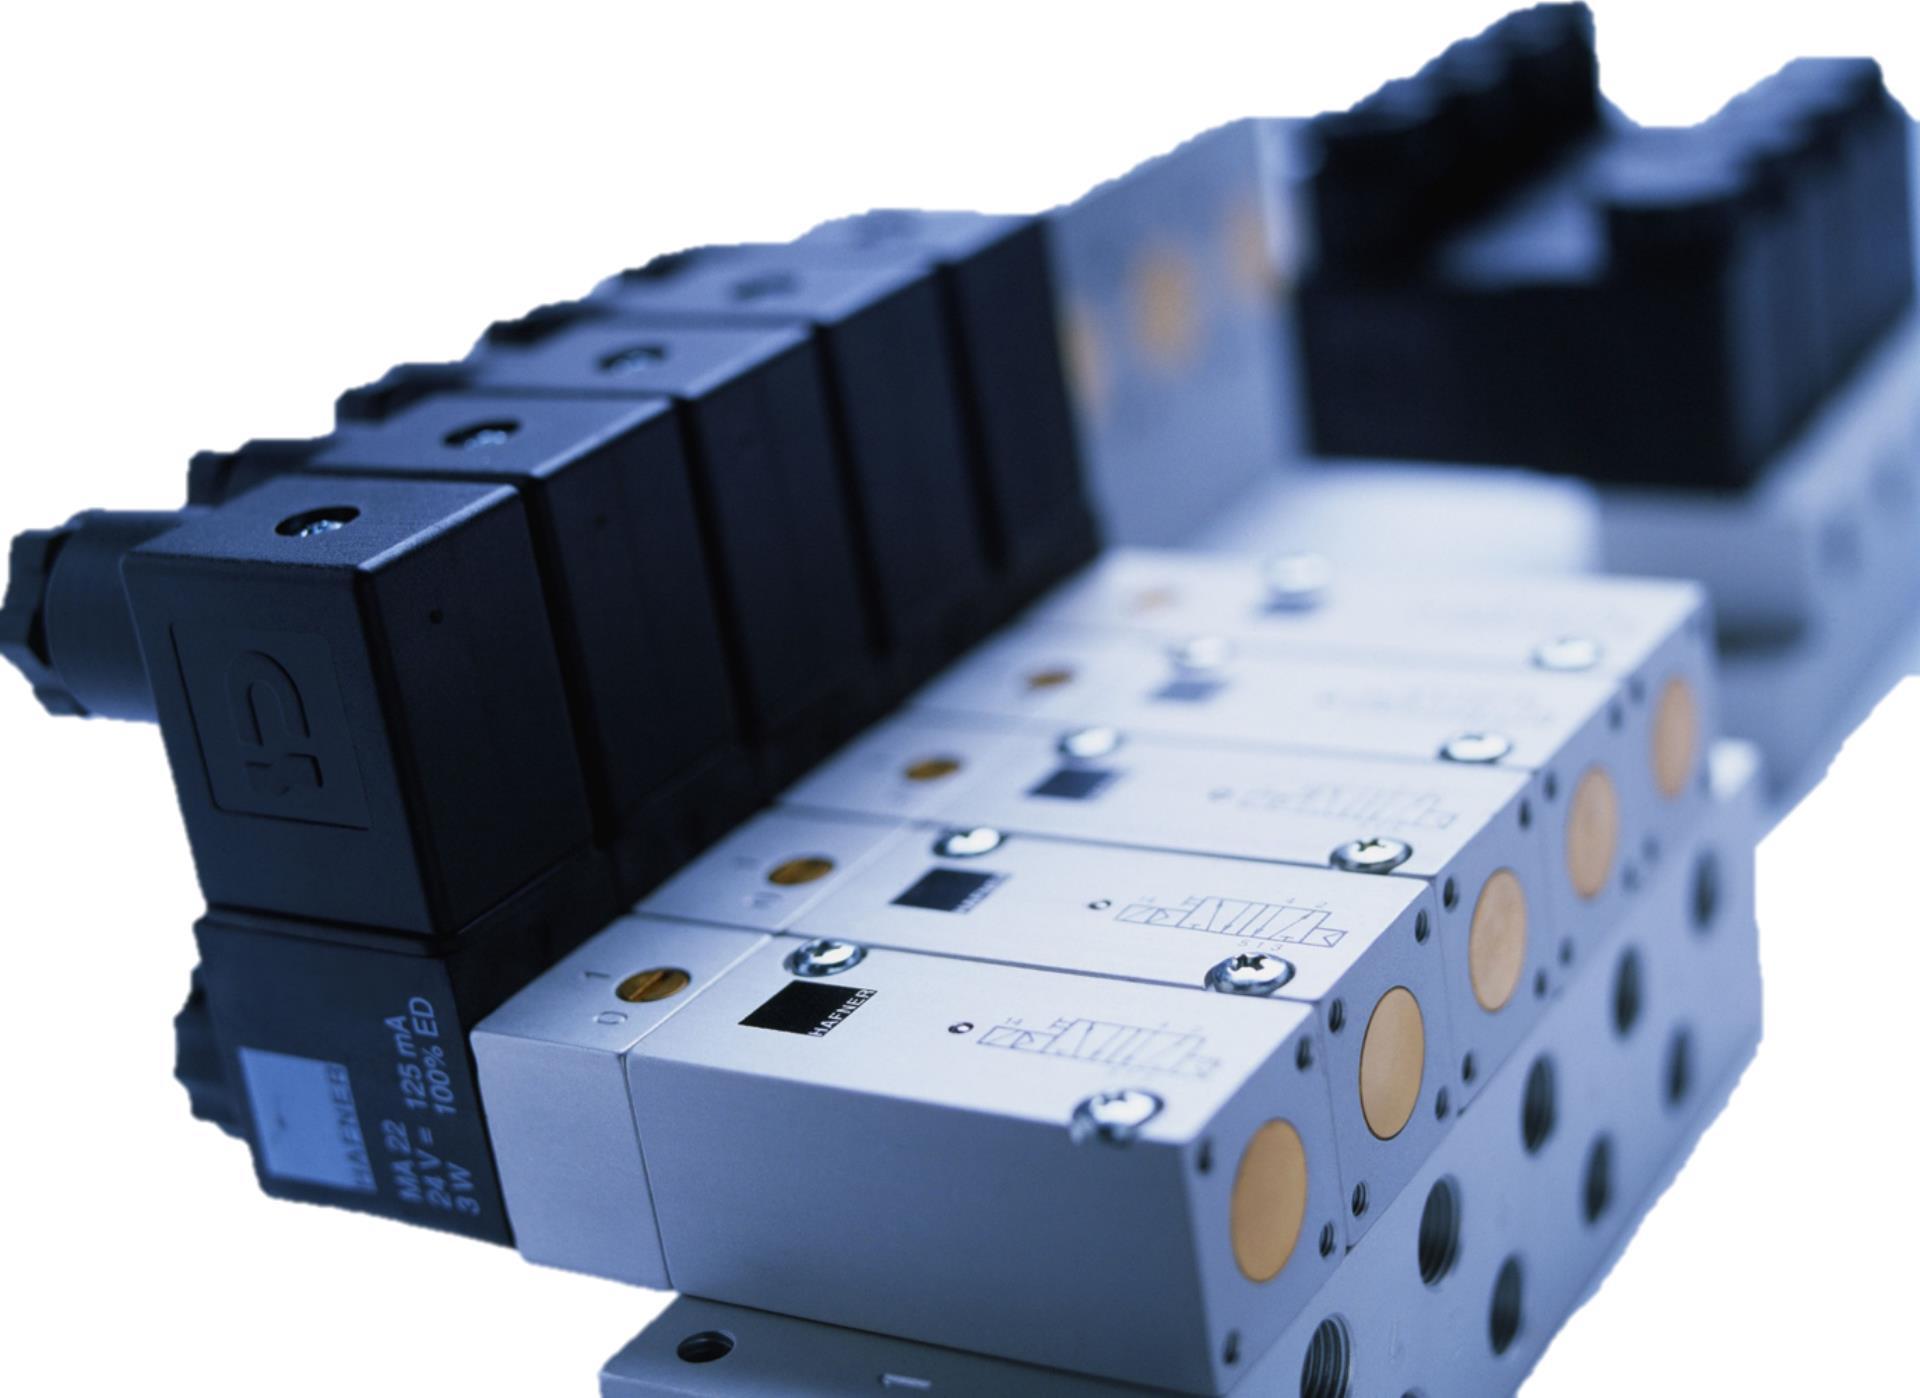 magnetventil pneumatisk ventil solenoid valve manifold kontrollventiler Hafner forhandler Norge